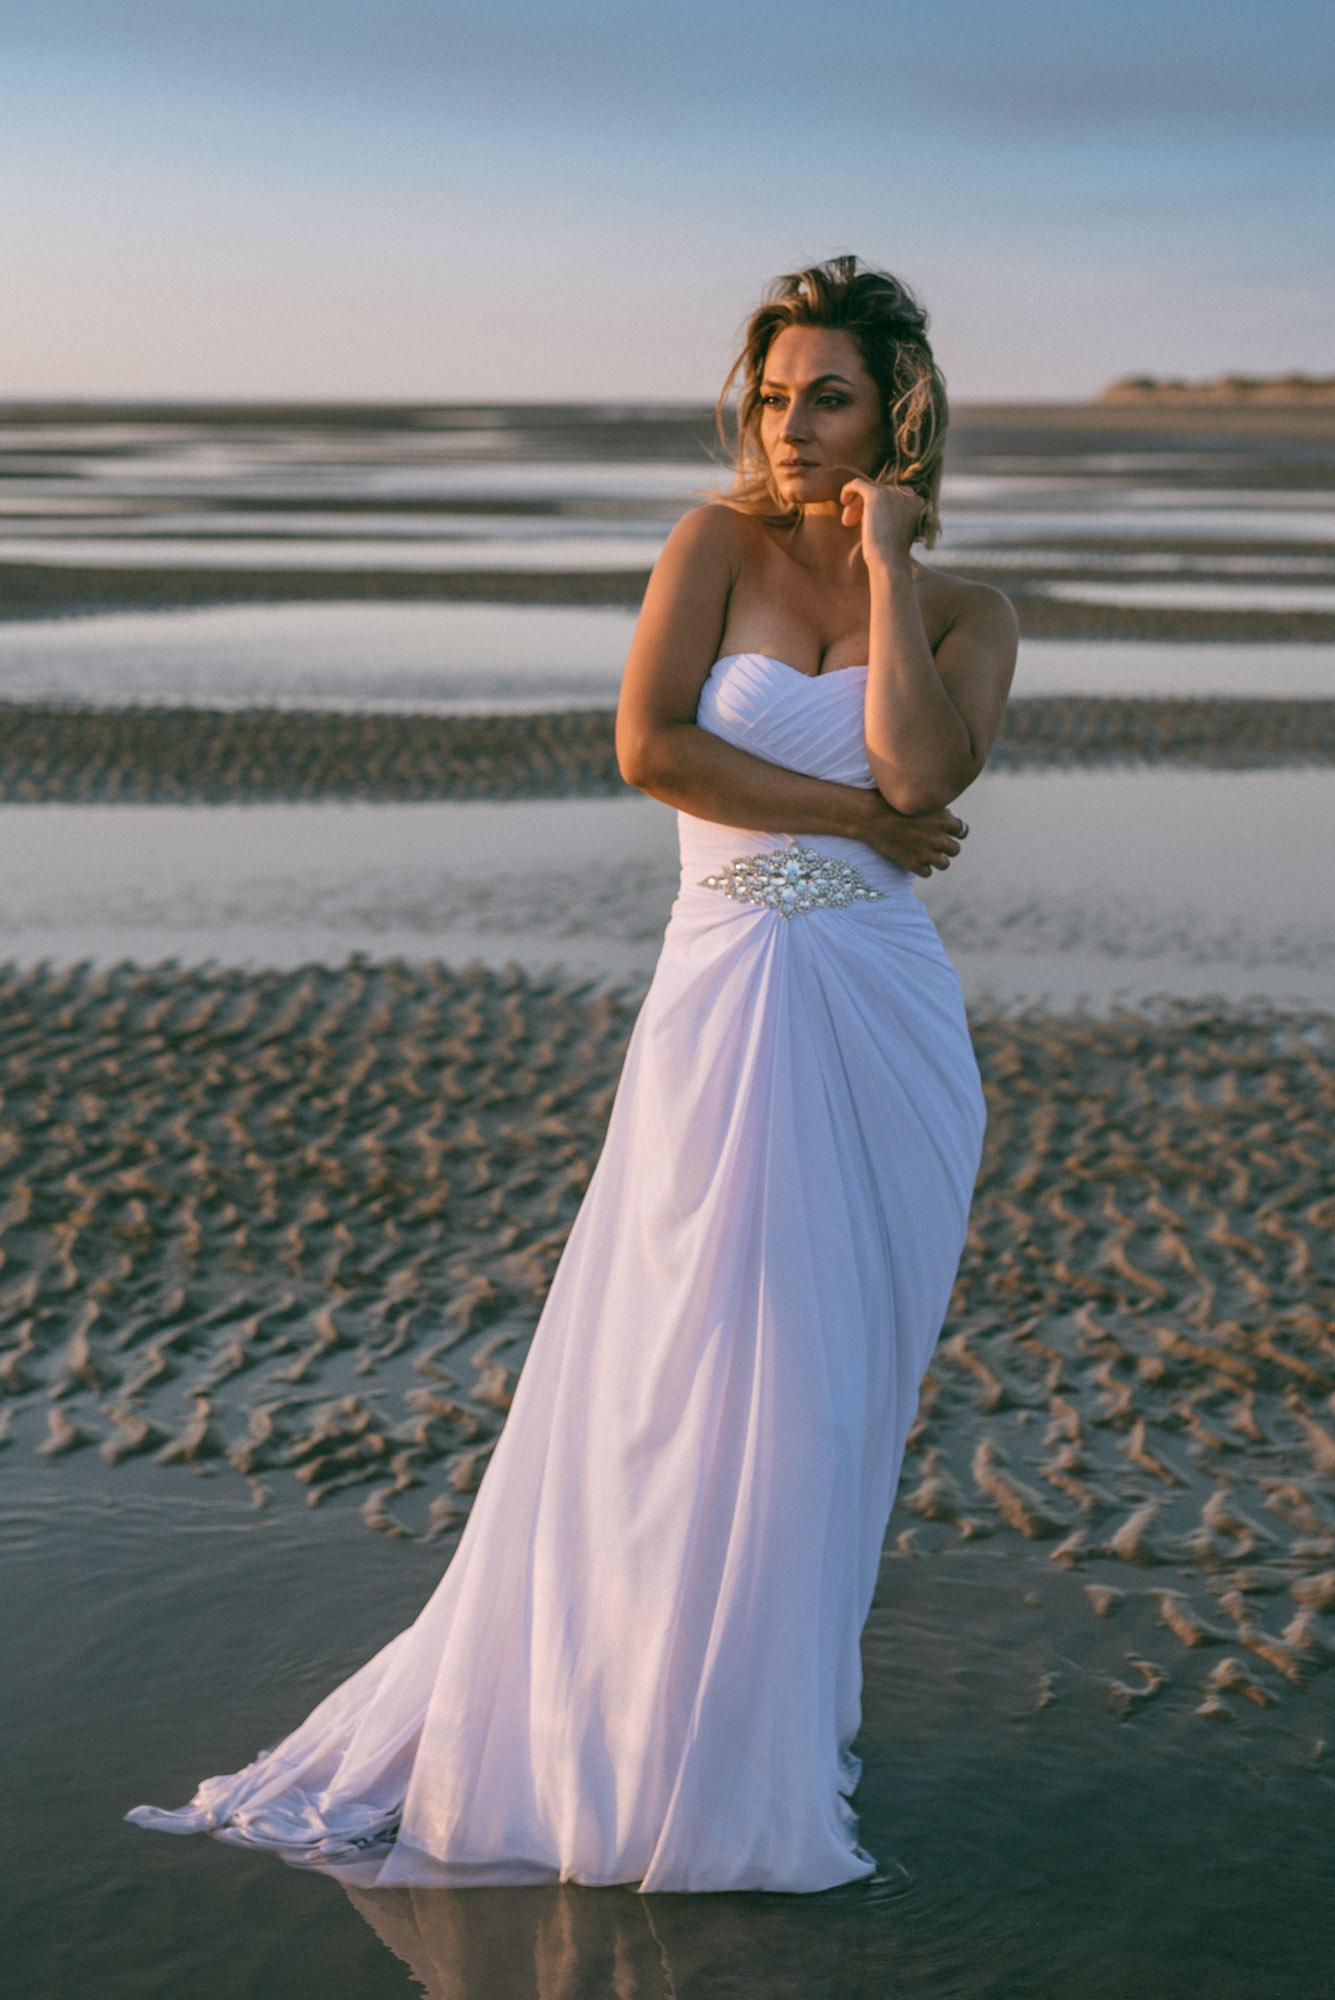 Bride standing in water